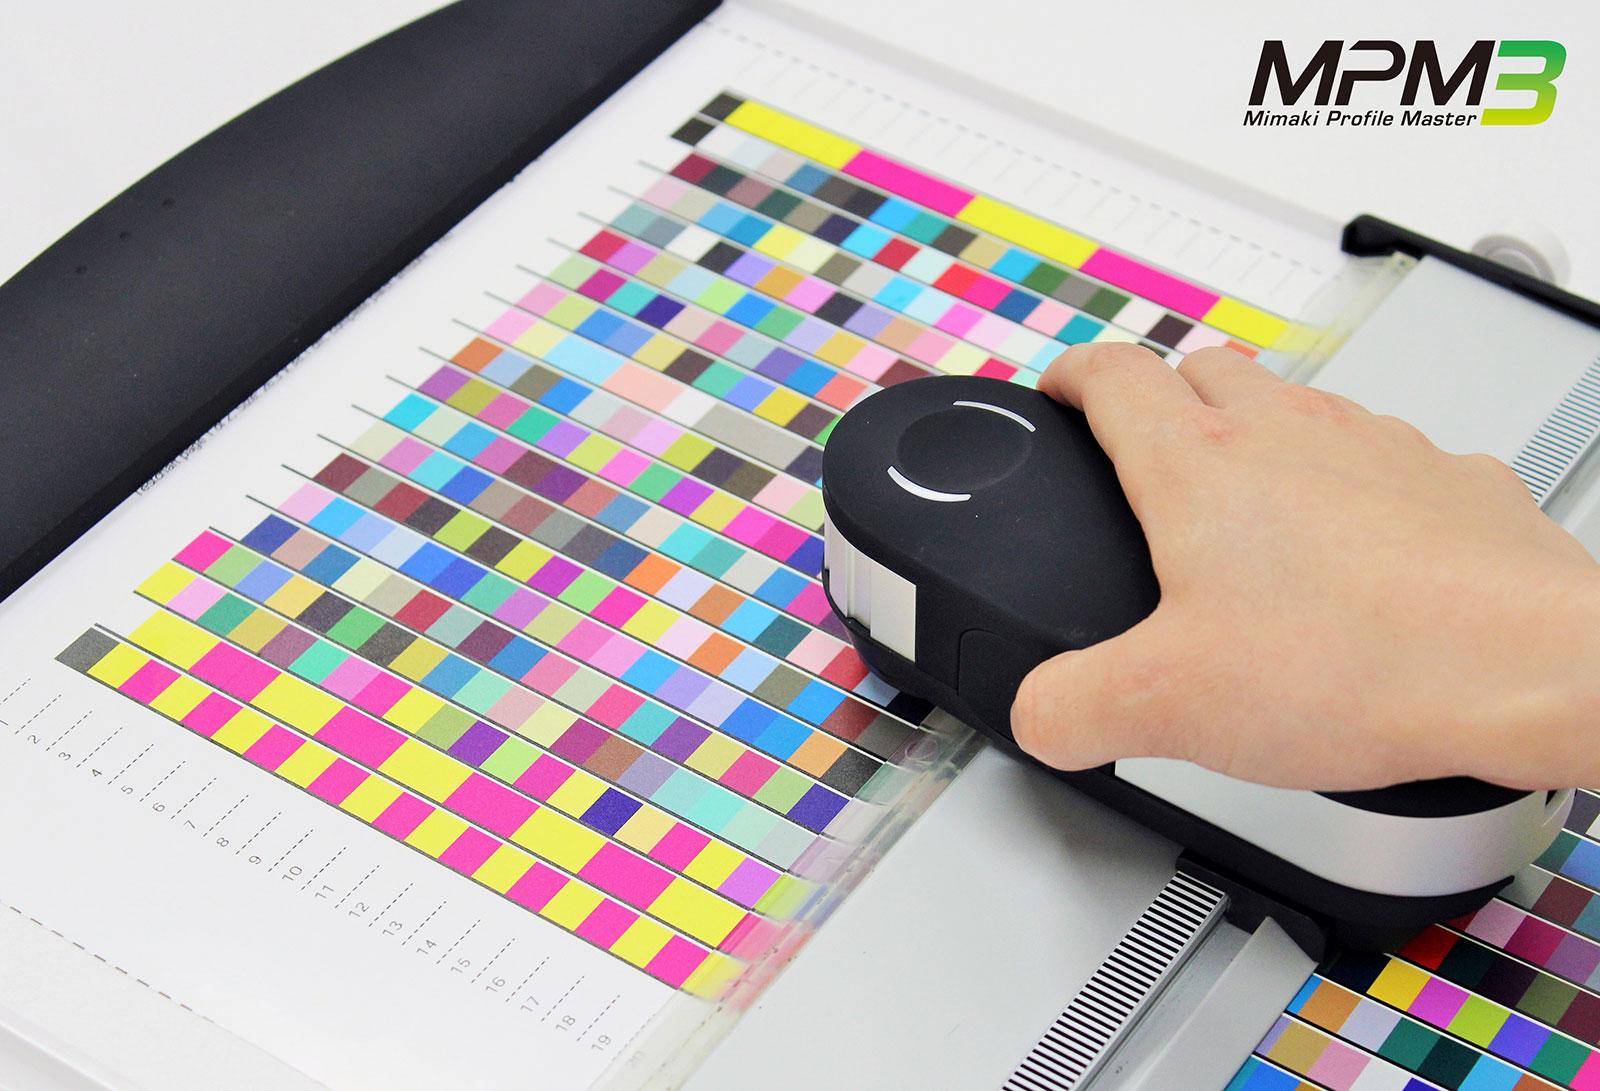 Mimaki Profile Master 3 MPM3